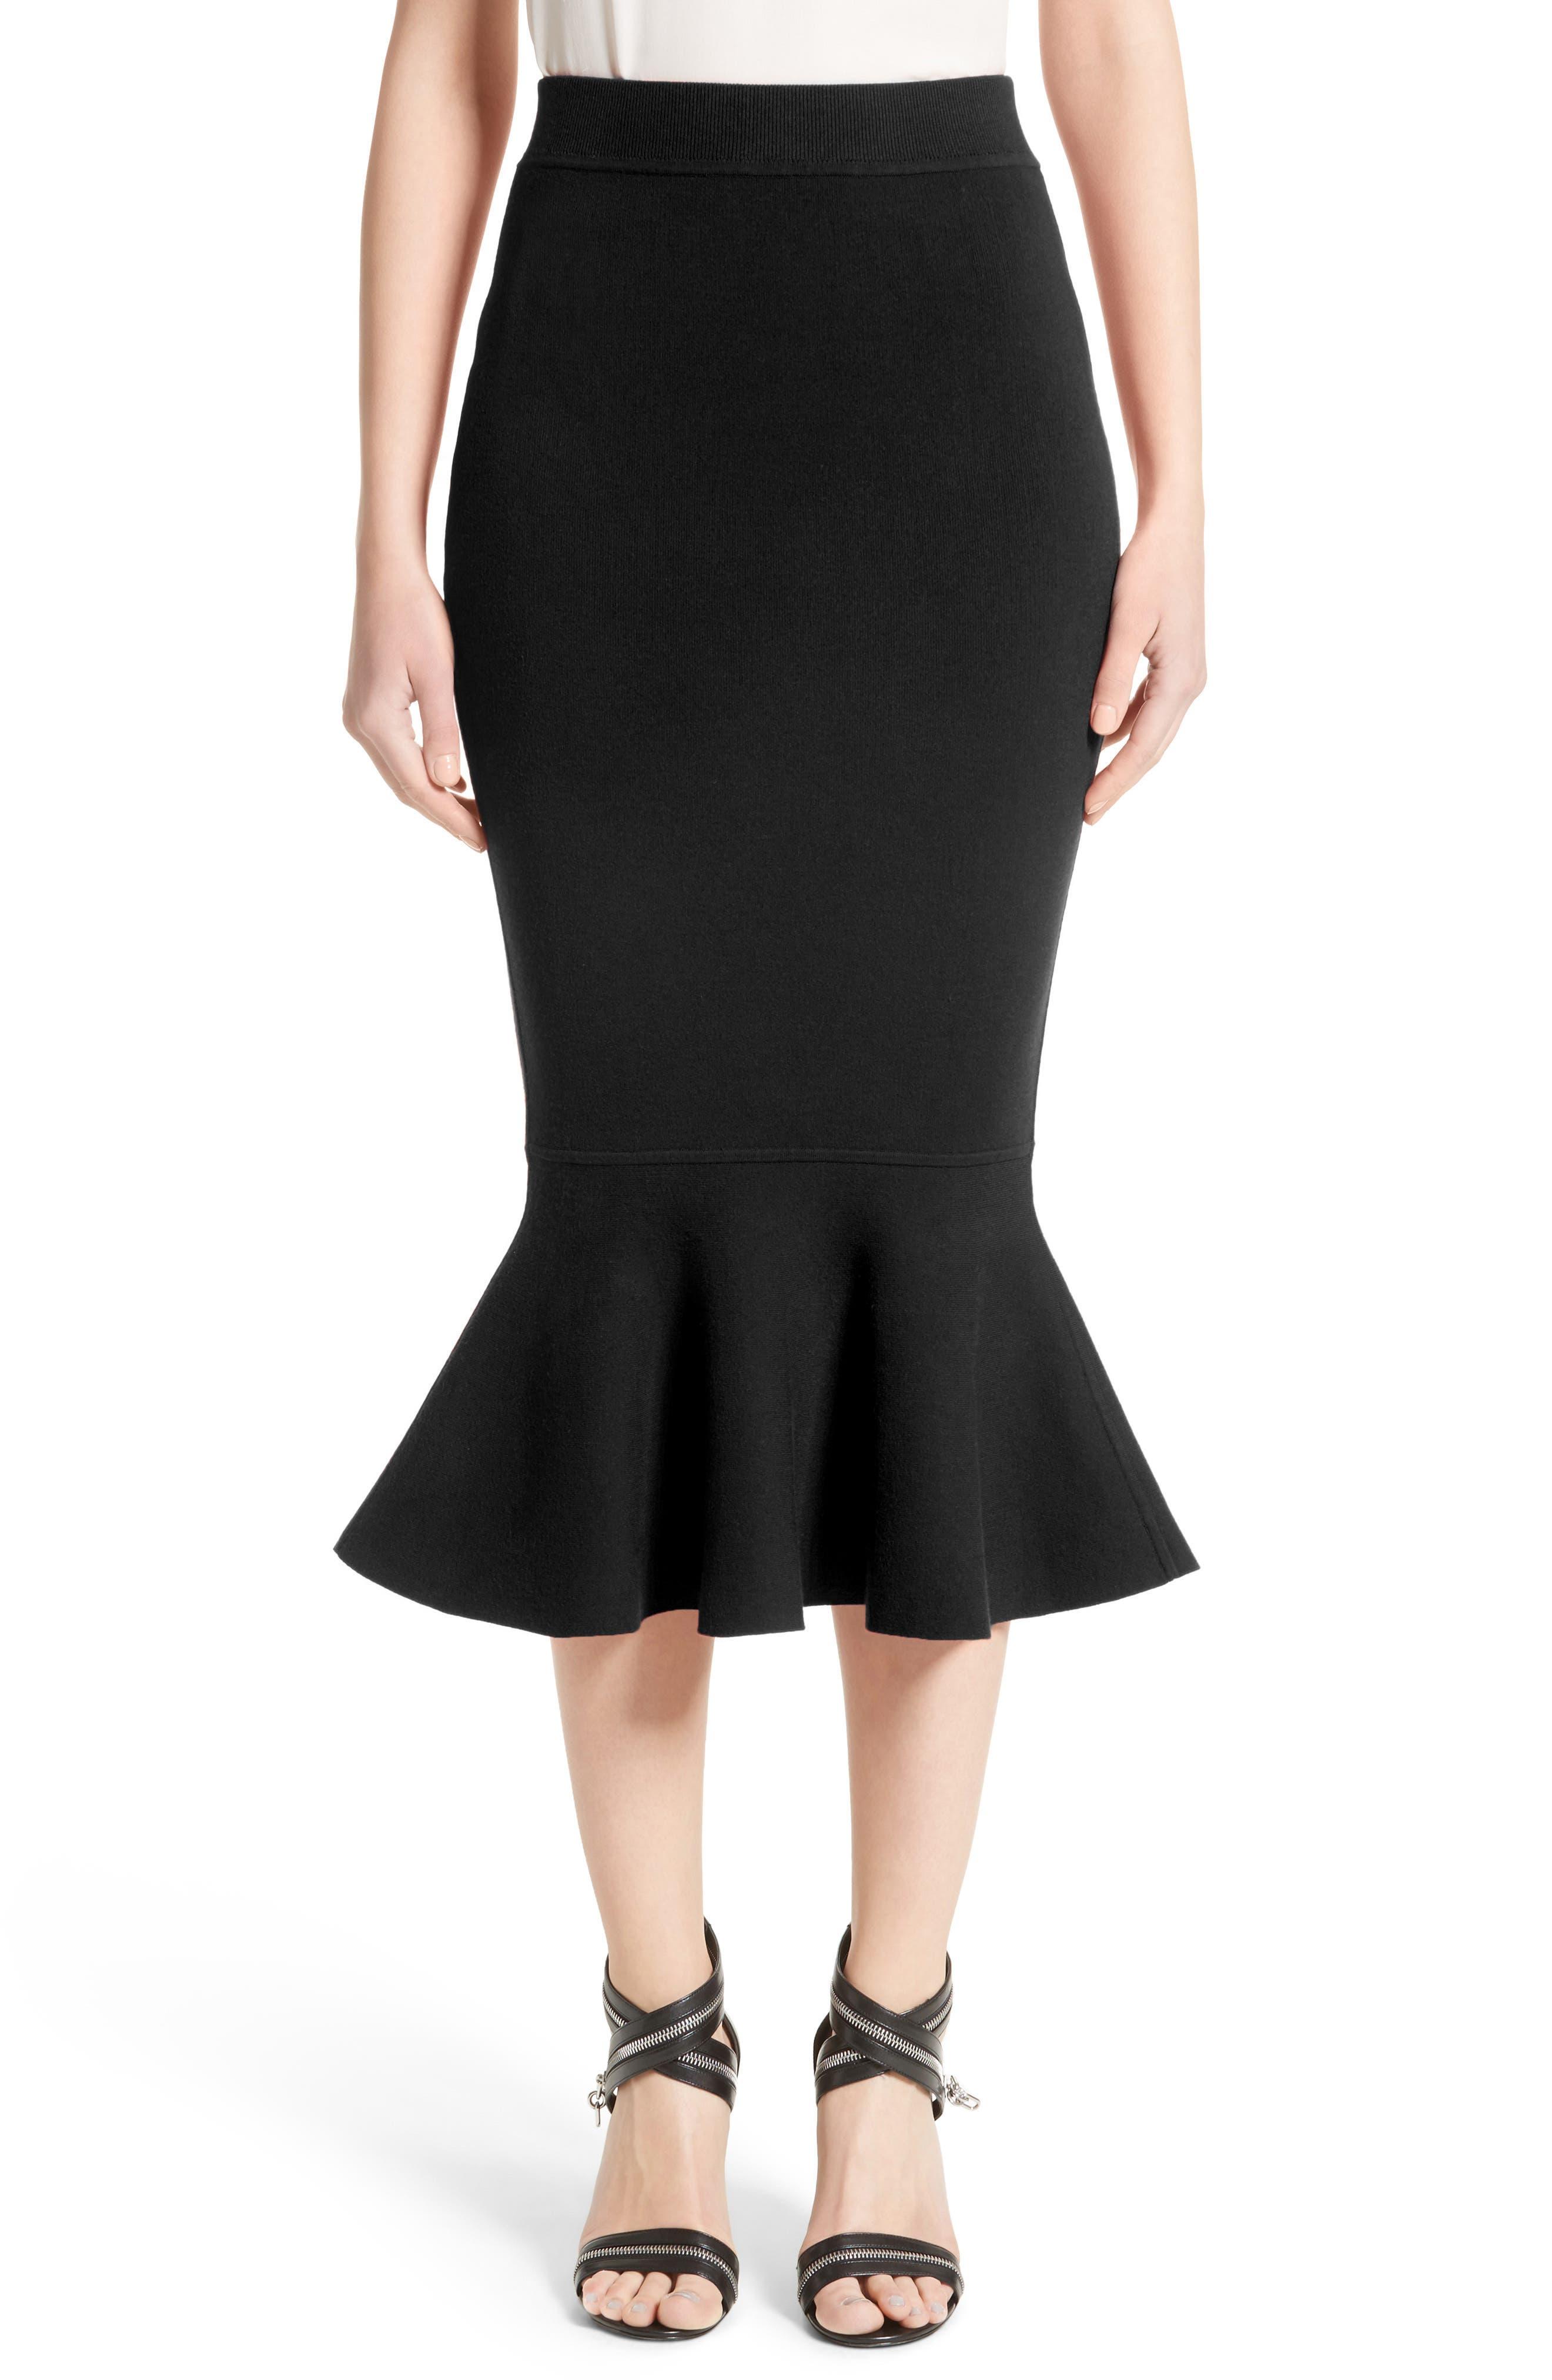 Michael Kors Stretch Knit Flounce Skirt